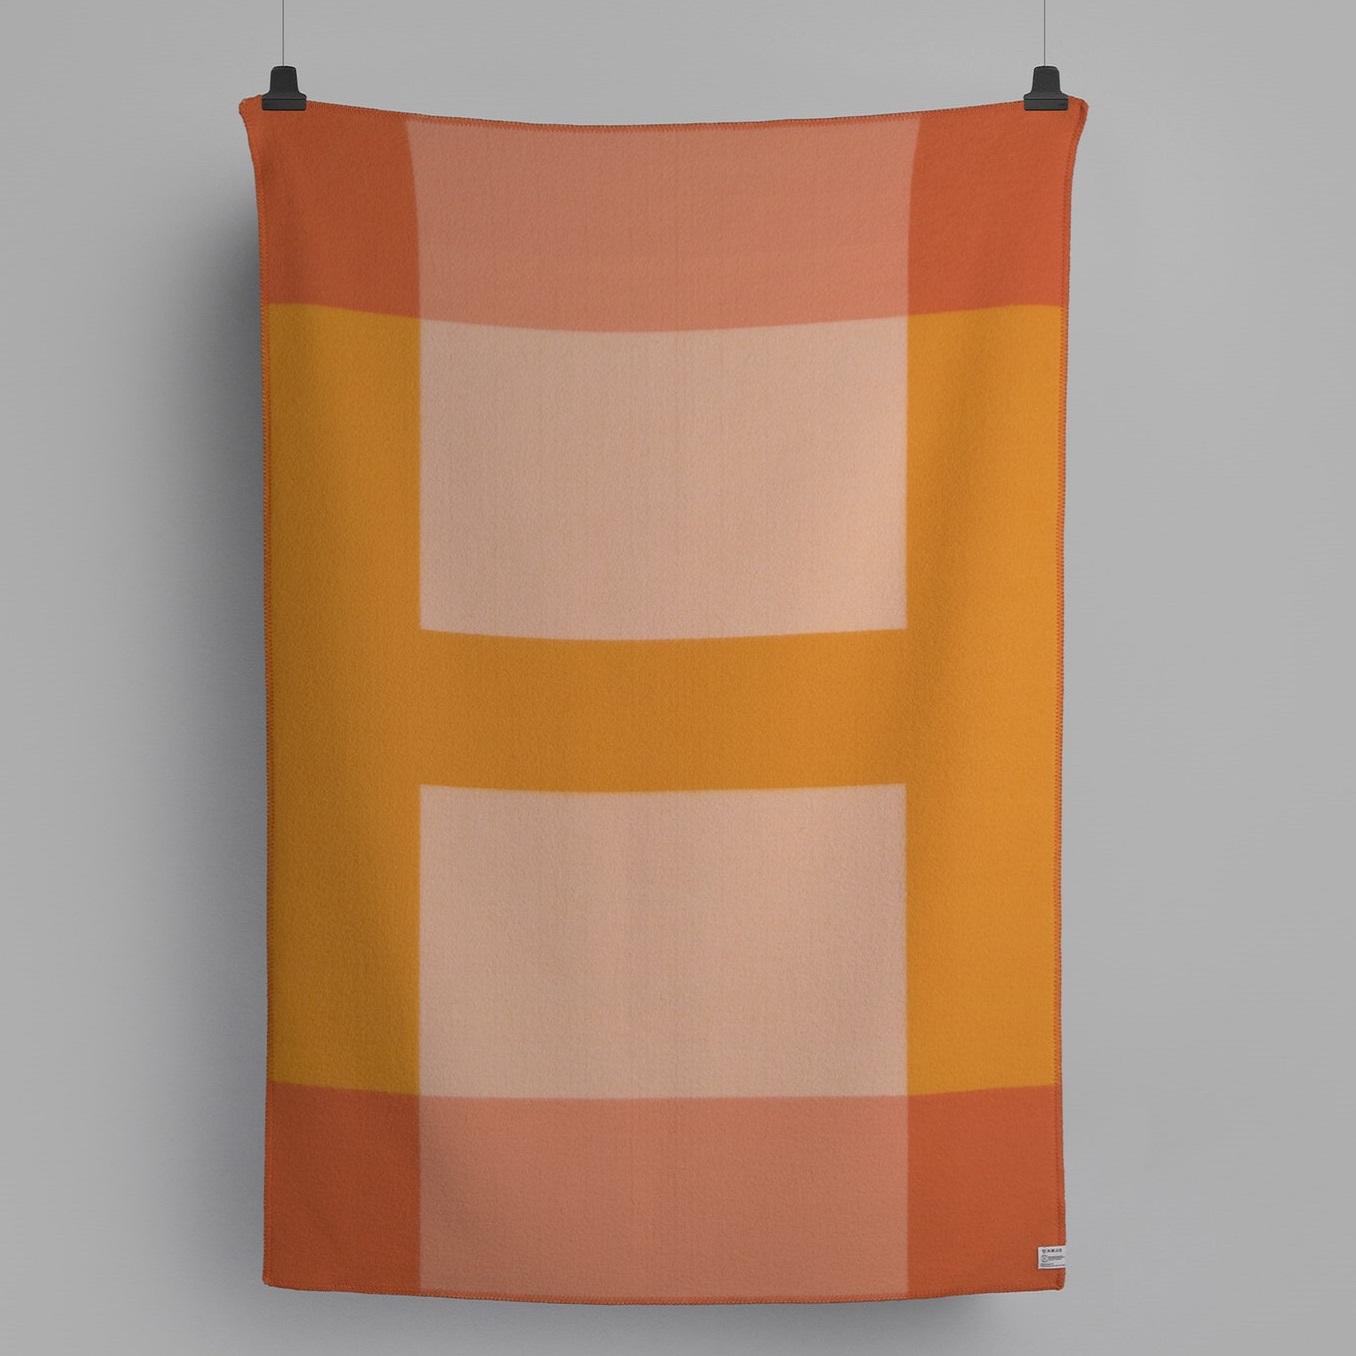 SYNDIN-Oranje-2